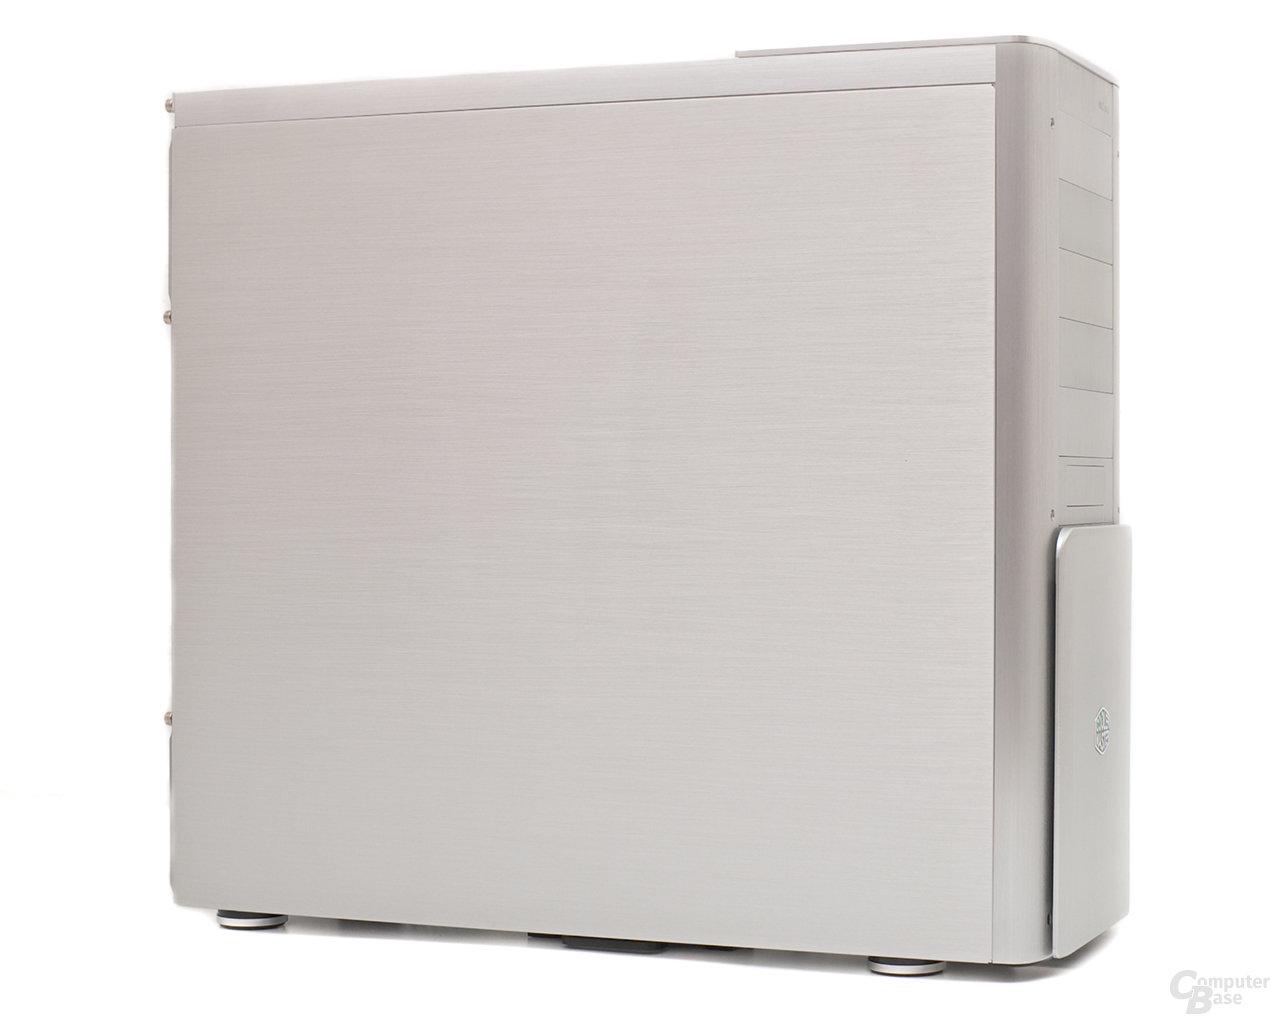 Cooler Master ATCS 840